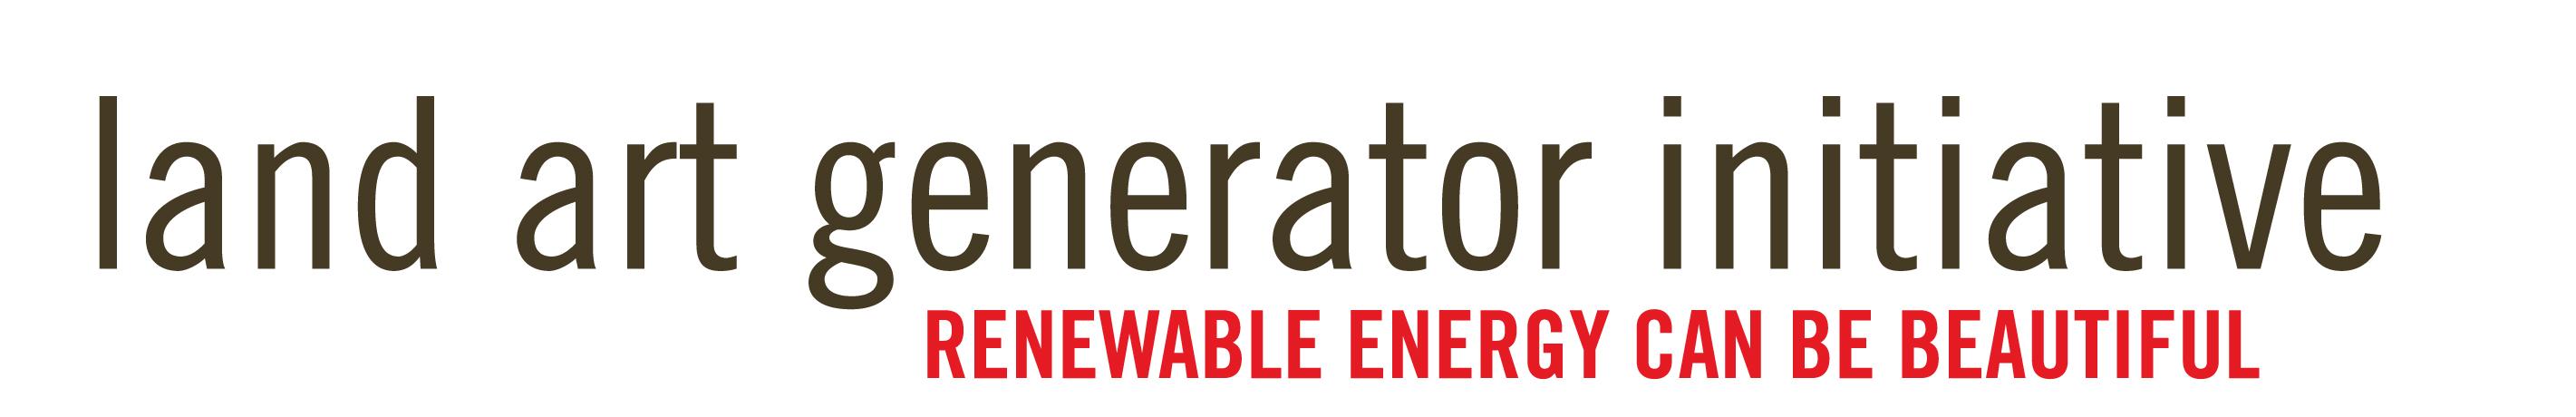 LAGI supports renewable energy jobs